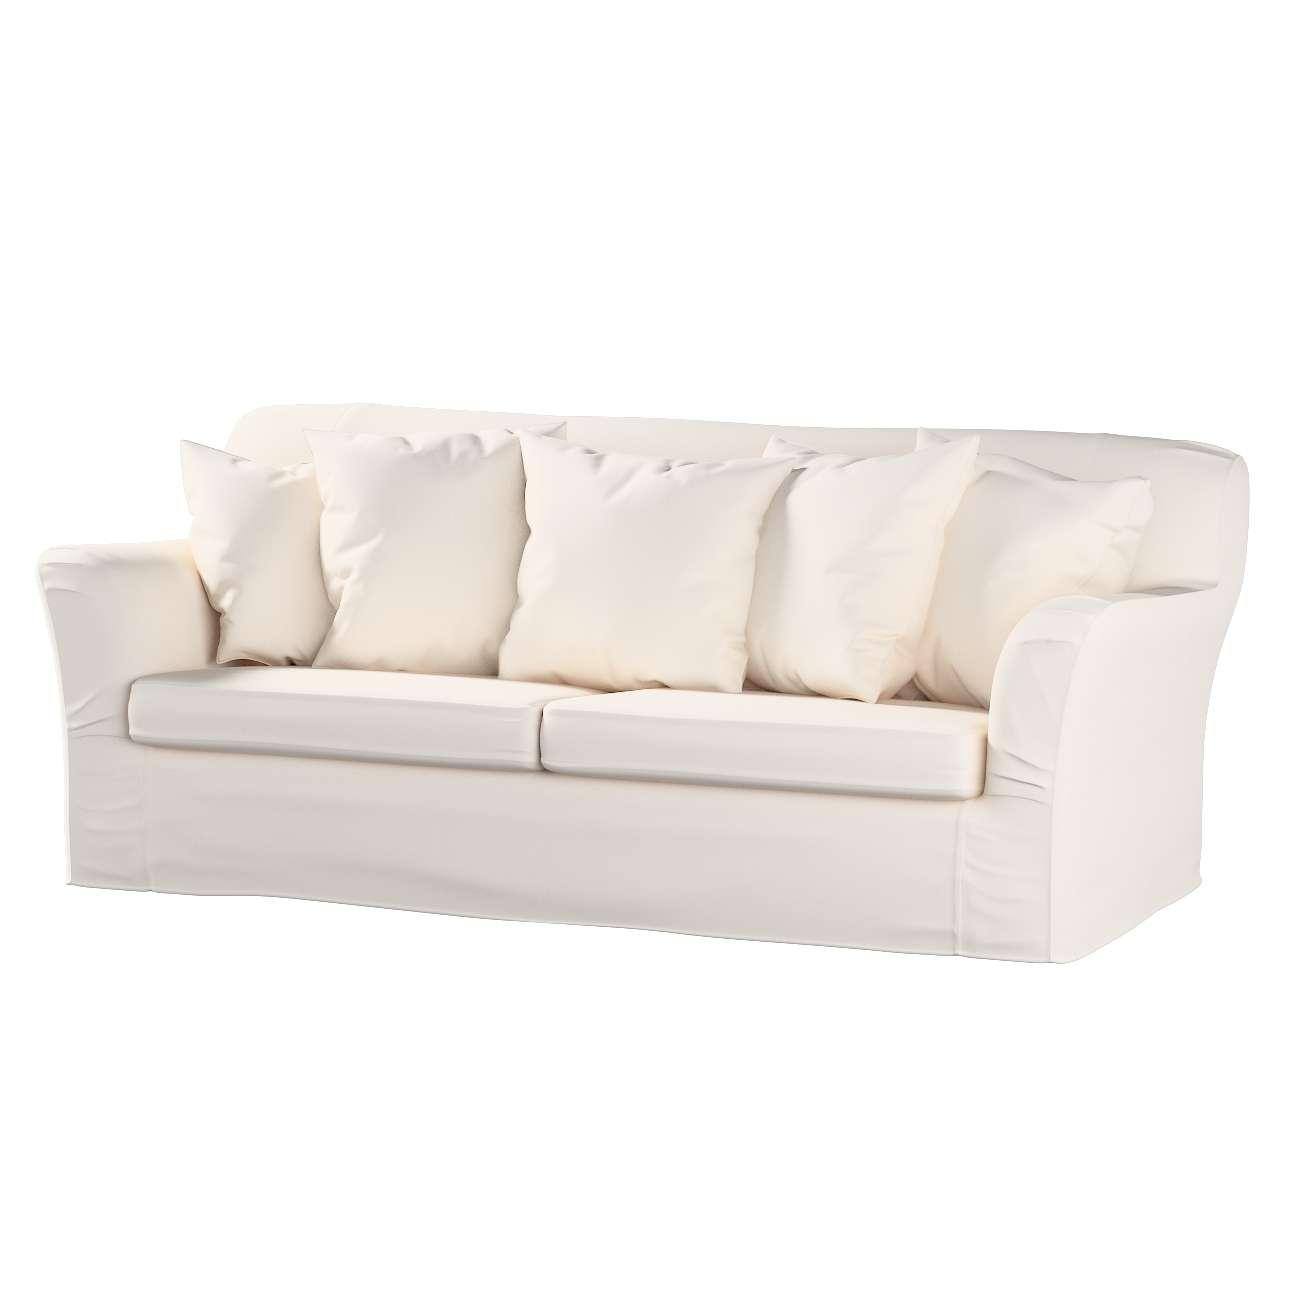 Pokrowiec na sofę Tomelilla rozkładaną Sofa Tomelilla rozkładana w kolekcji Etna , tkanina: 705-01